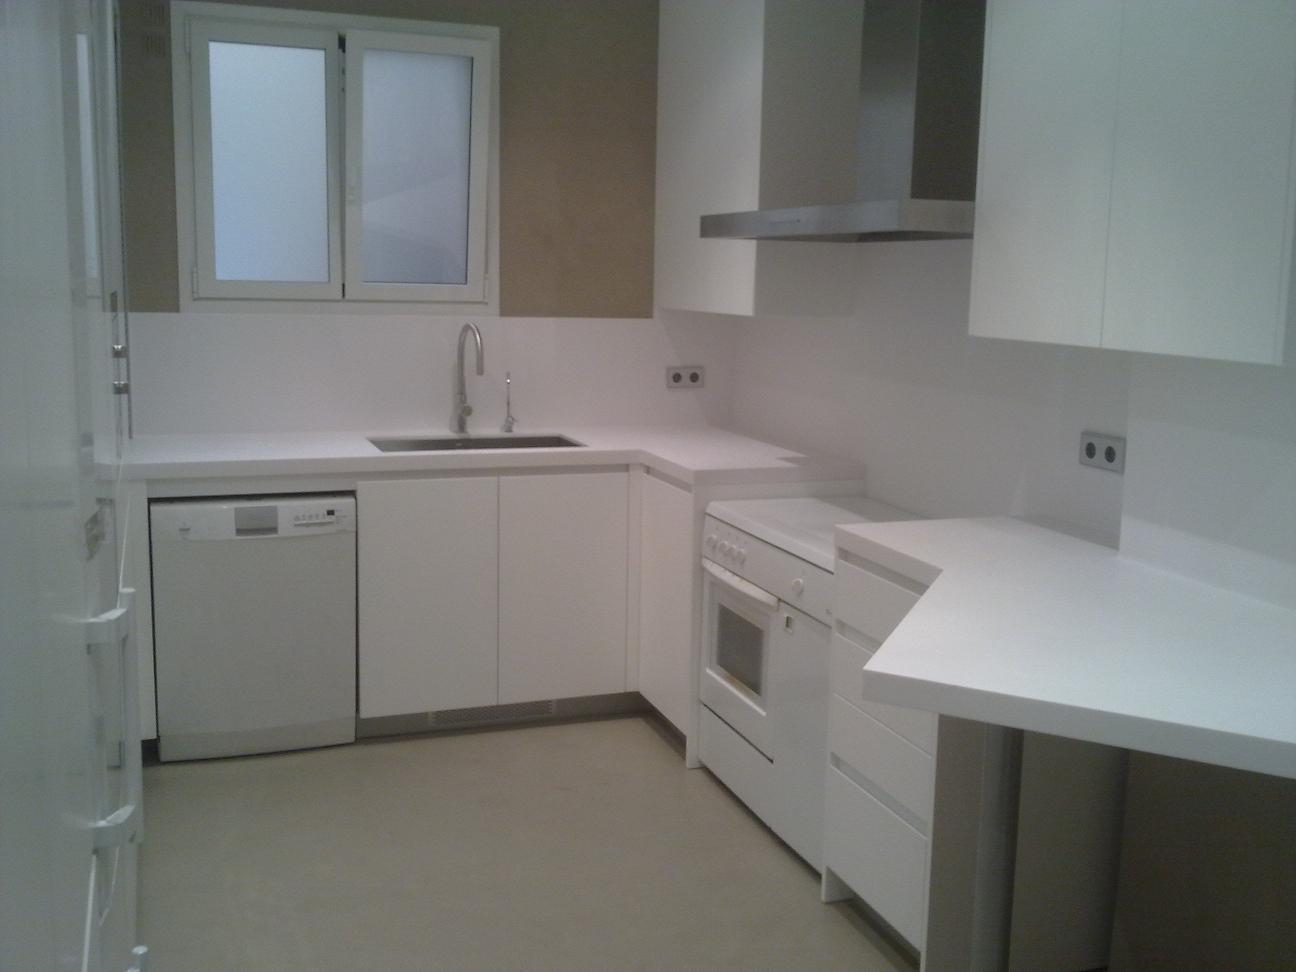 Instalacion de encimeras en cocinas reformas barcelona for Cocinas integrales de concreto pequenas